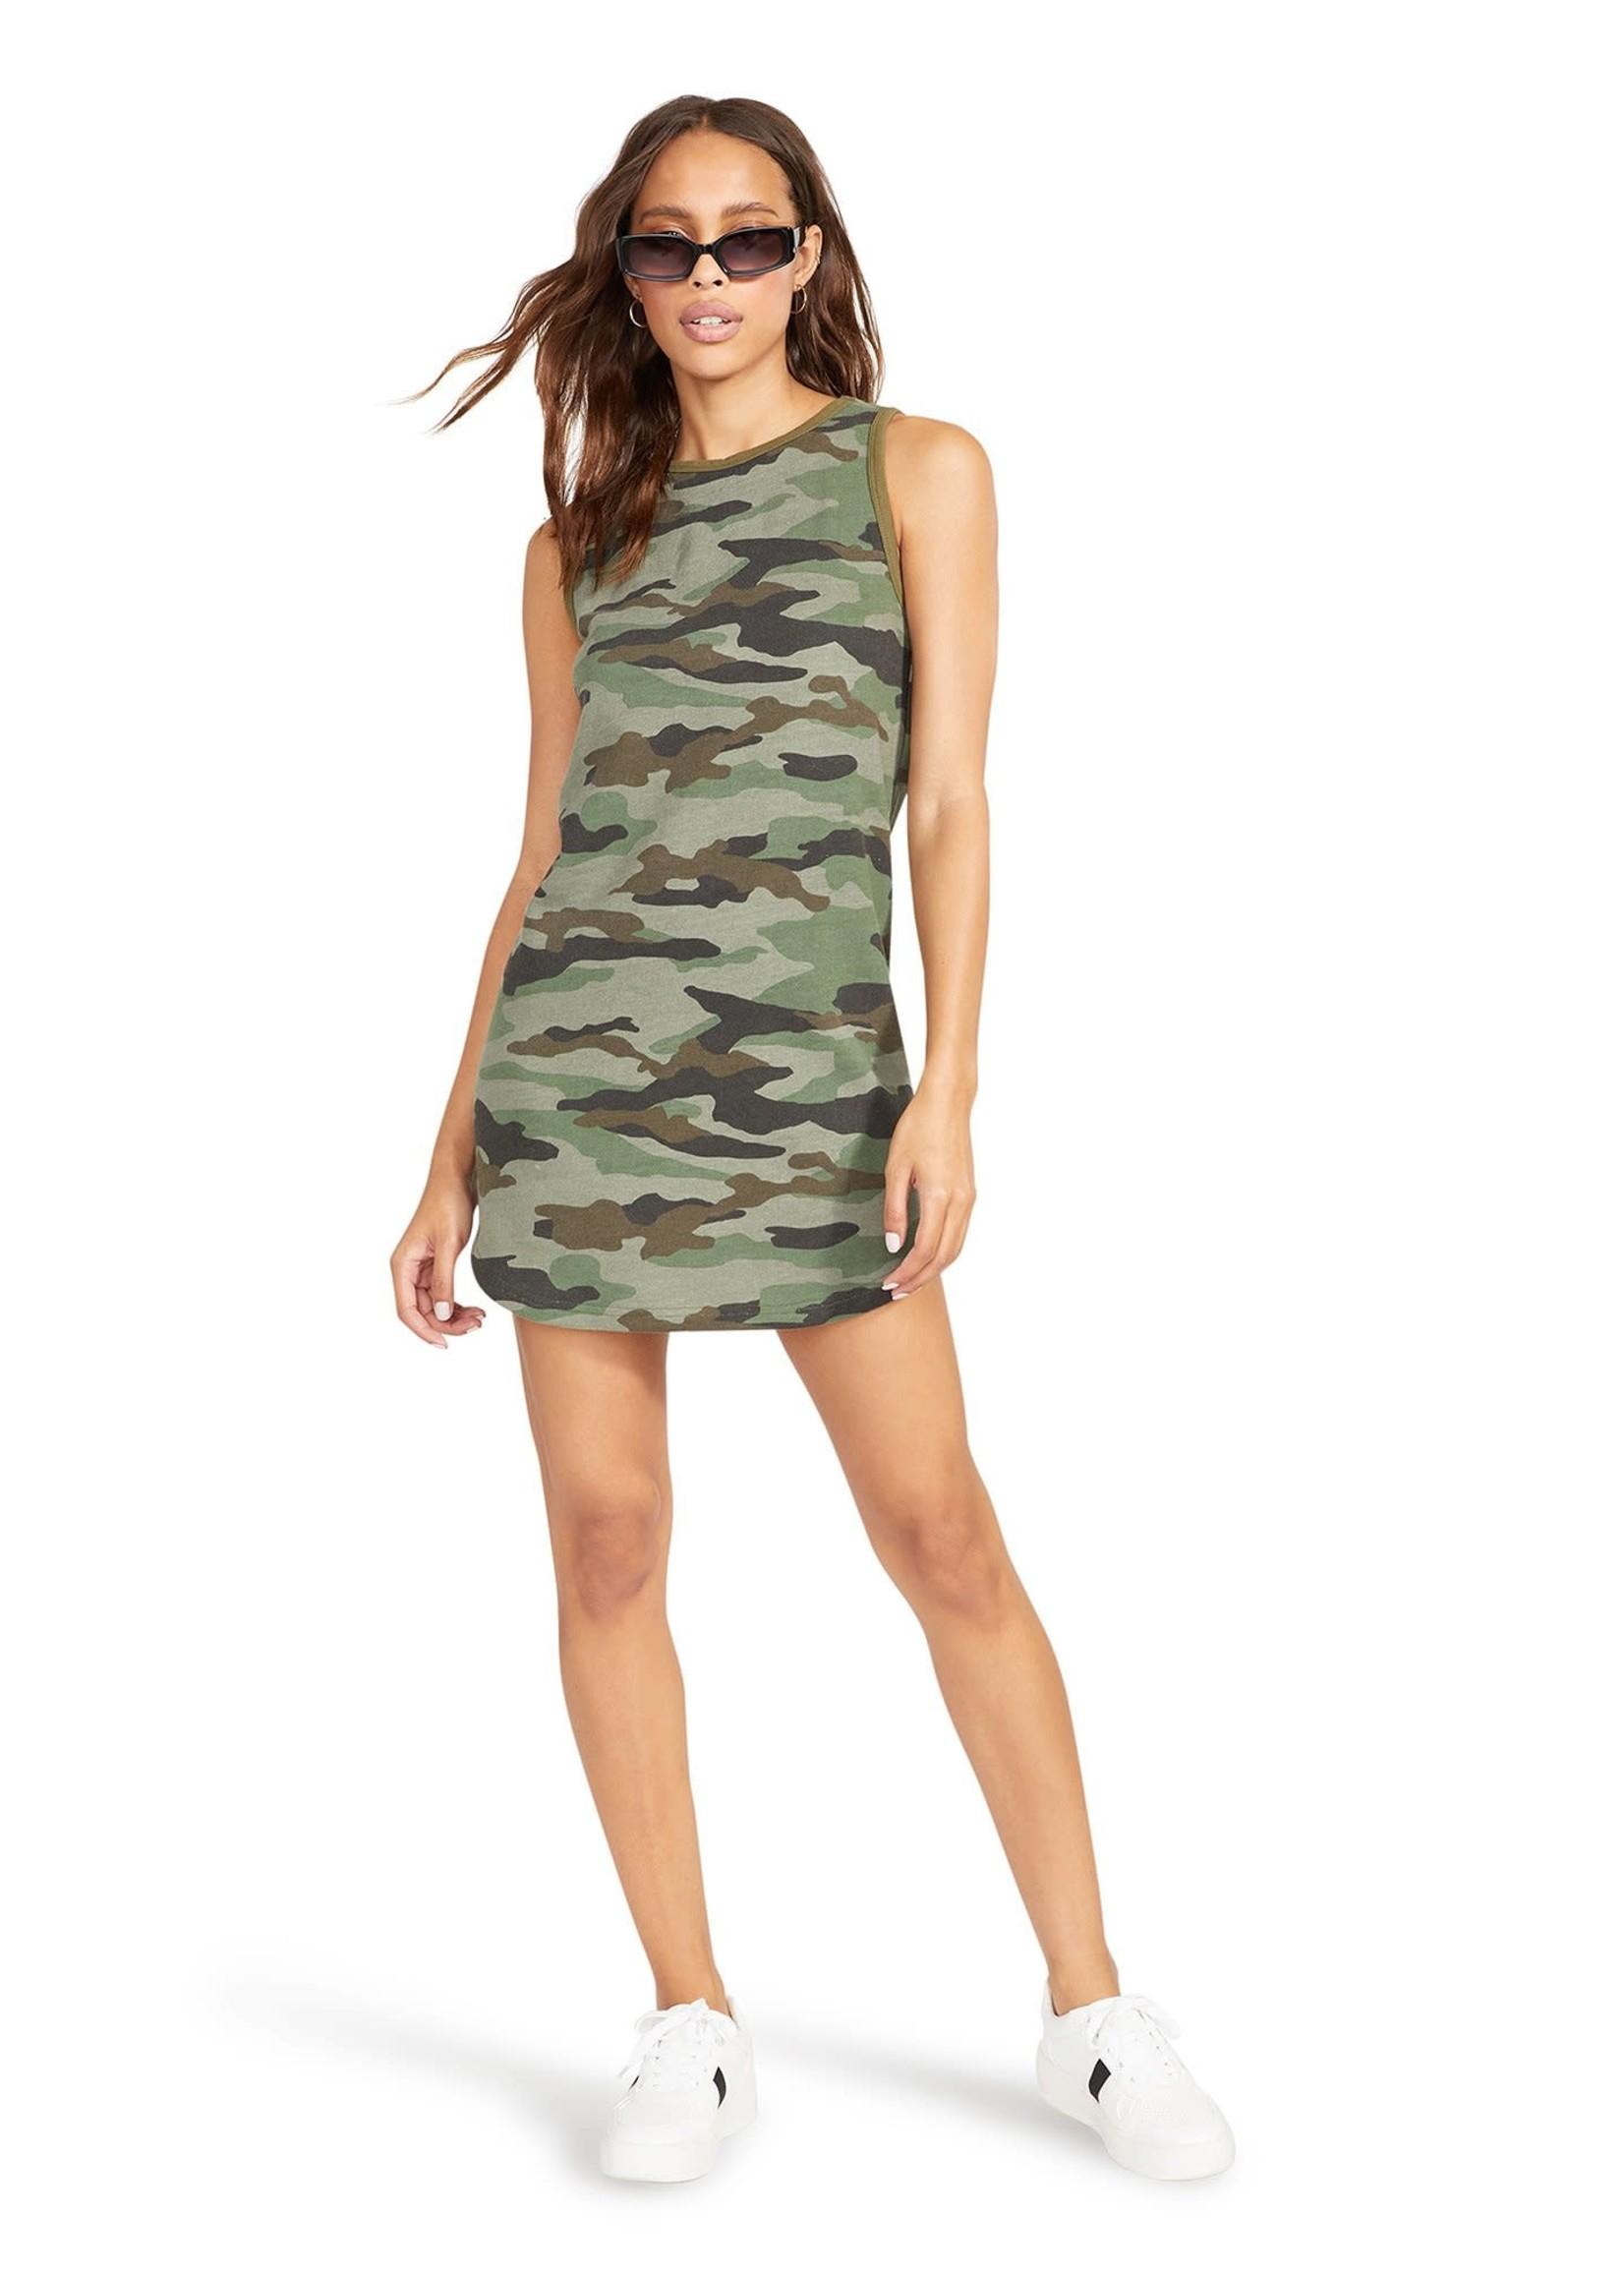 BB Dakota All Terrain Dress